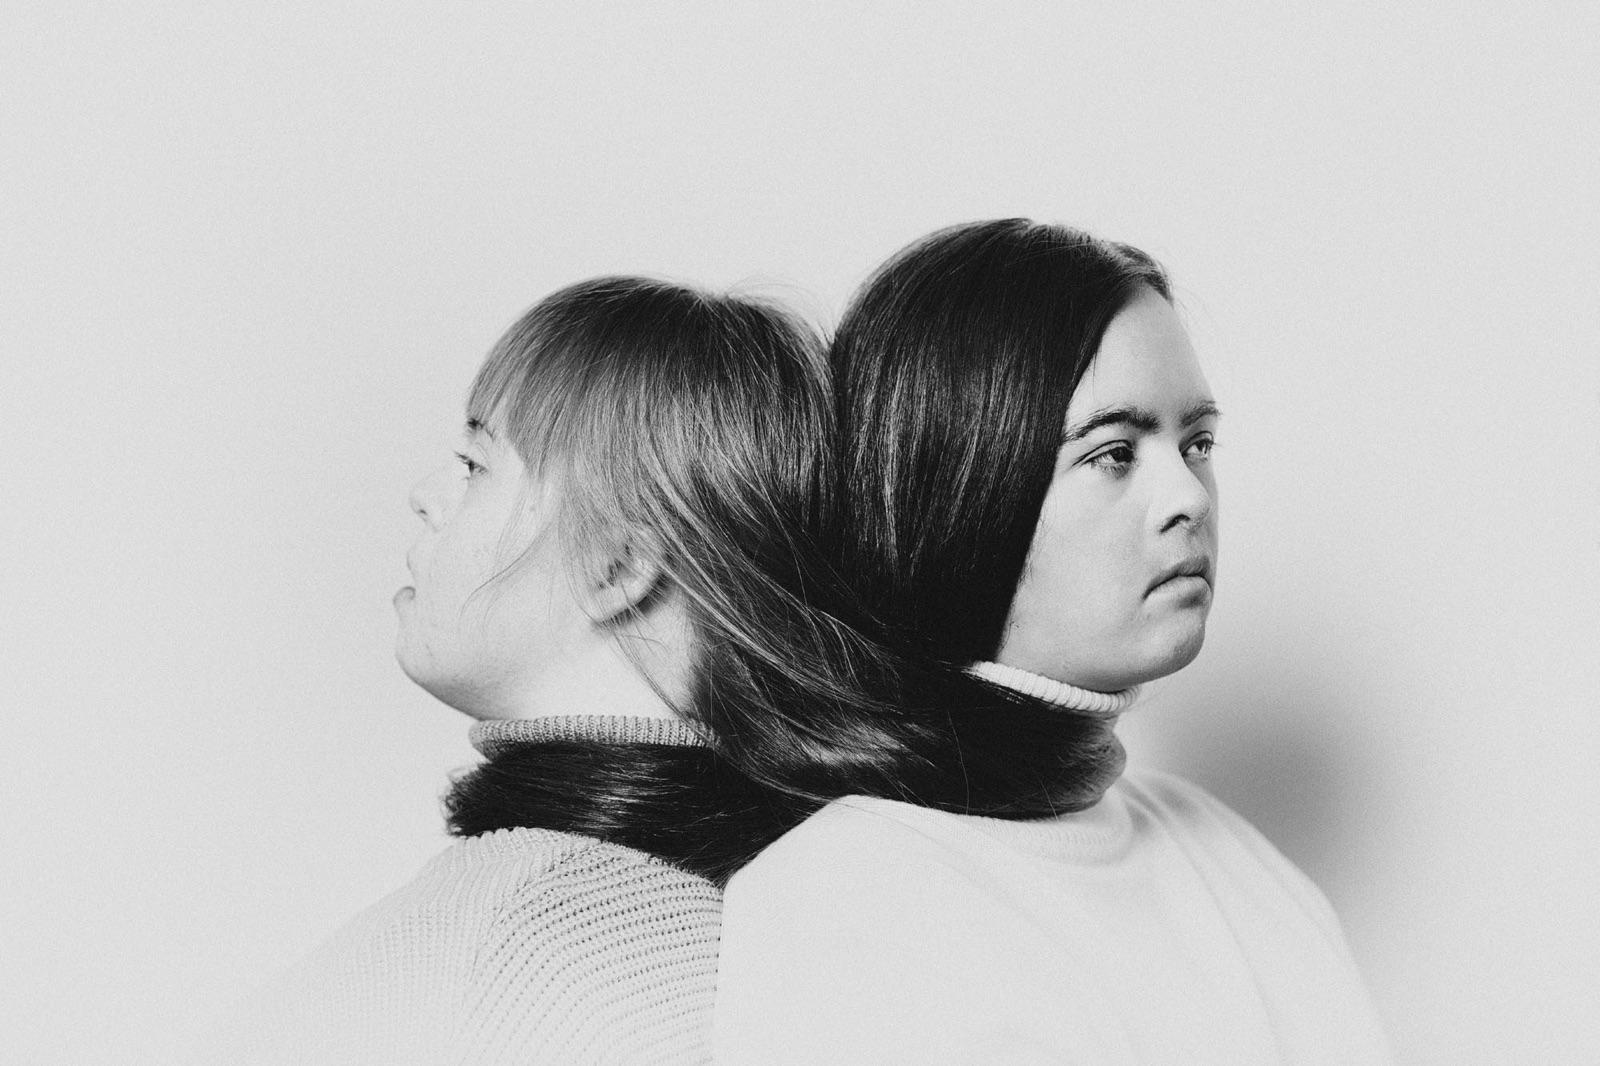 foto van twee vrouwen met down syndroom die met hun ruggen tegen elkaar aan zitten en hun haar om elkaar heen hebben